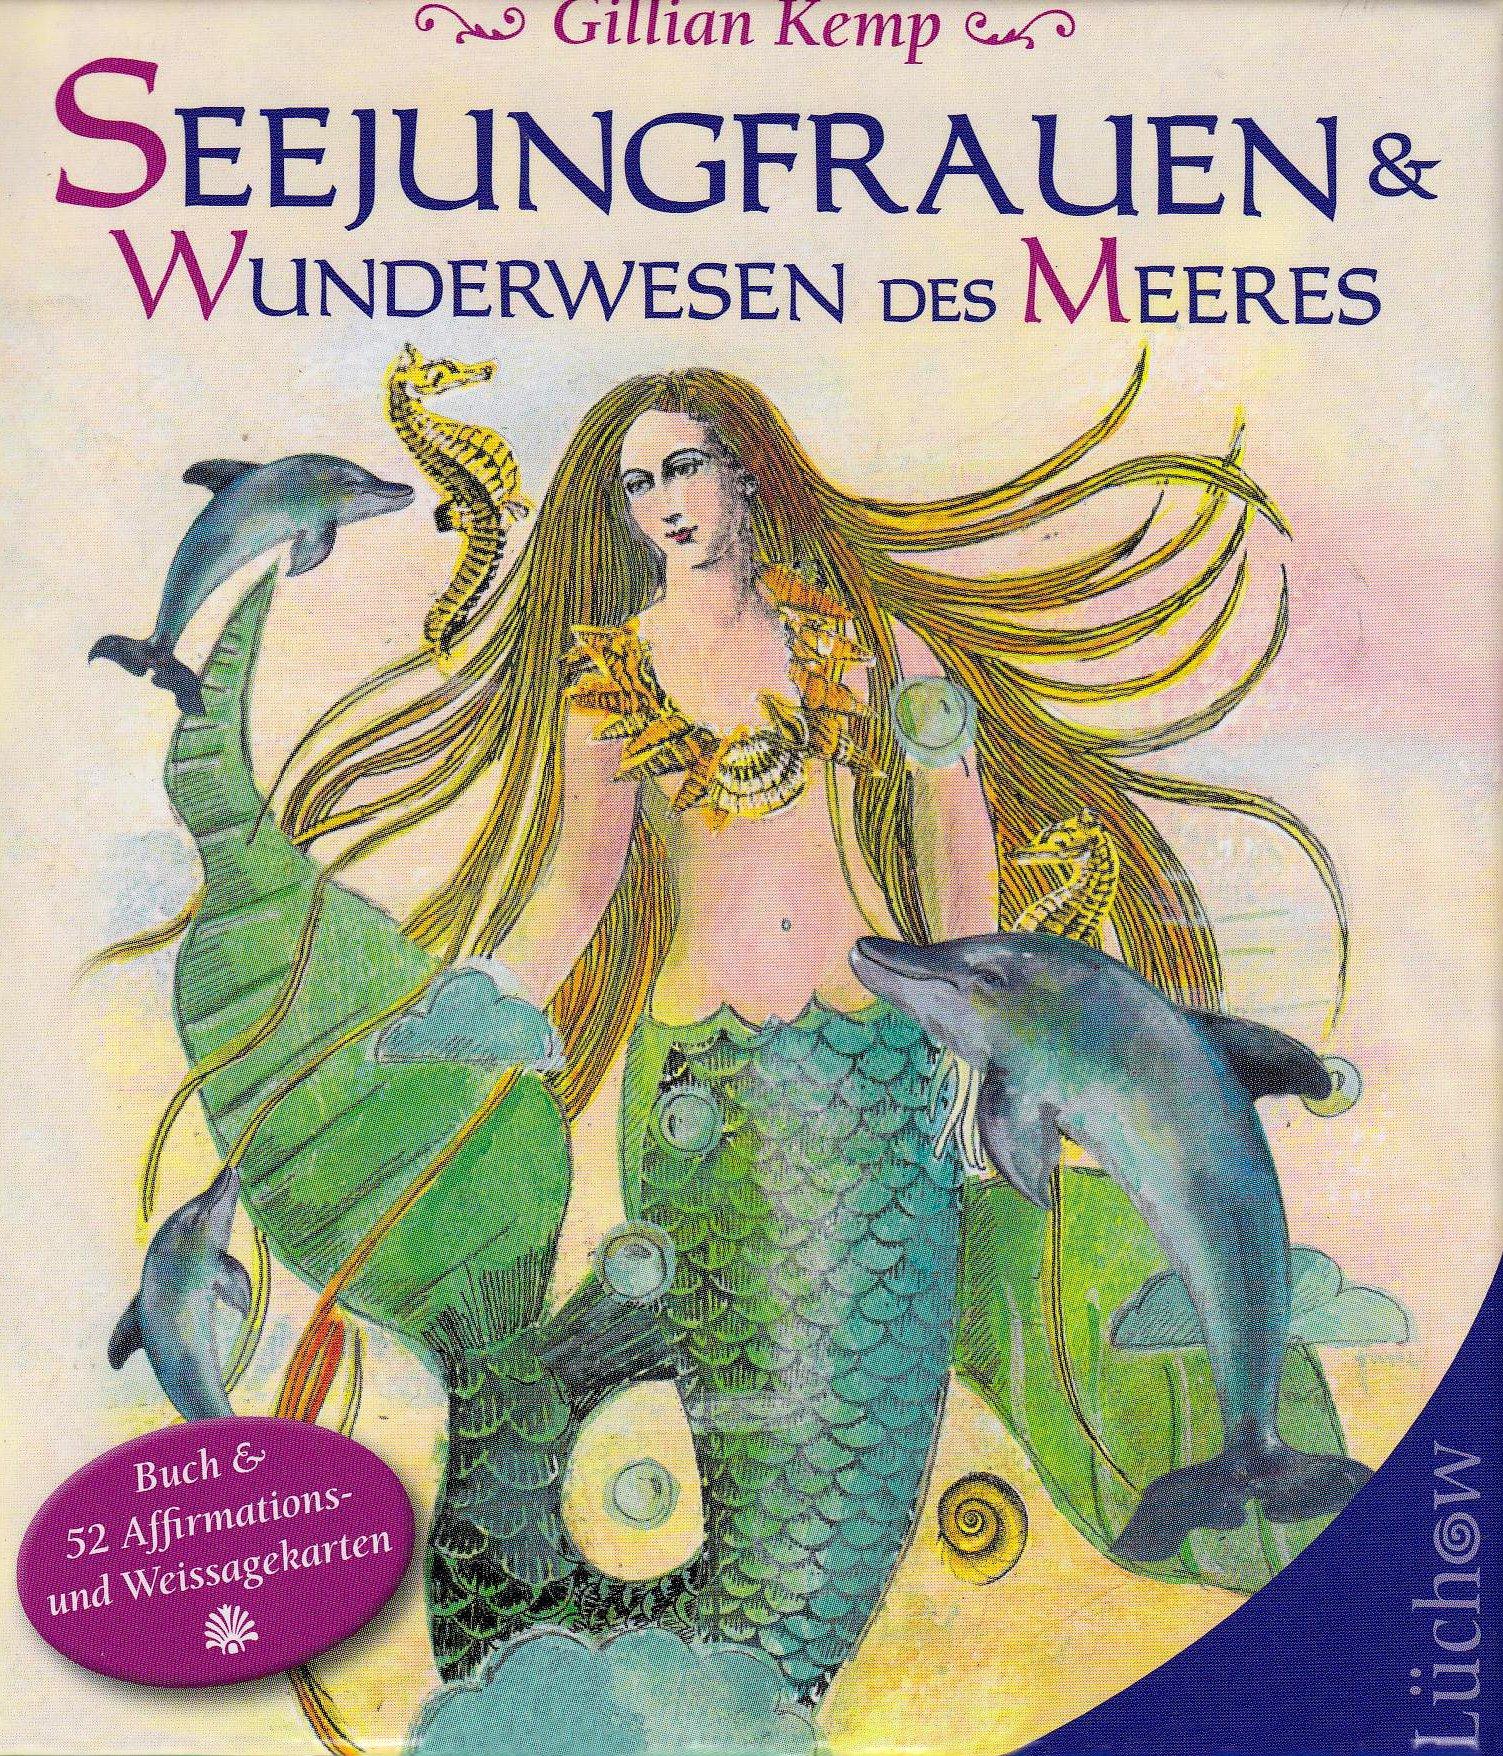 Seejungfrauen und Wunderwesen des Meeres